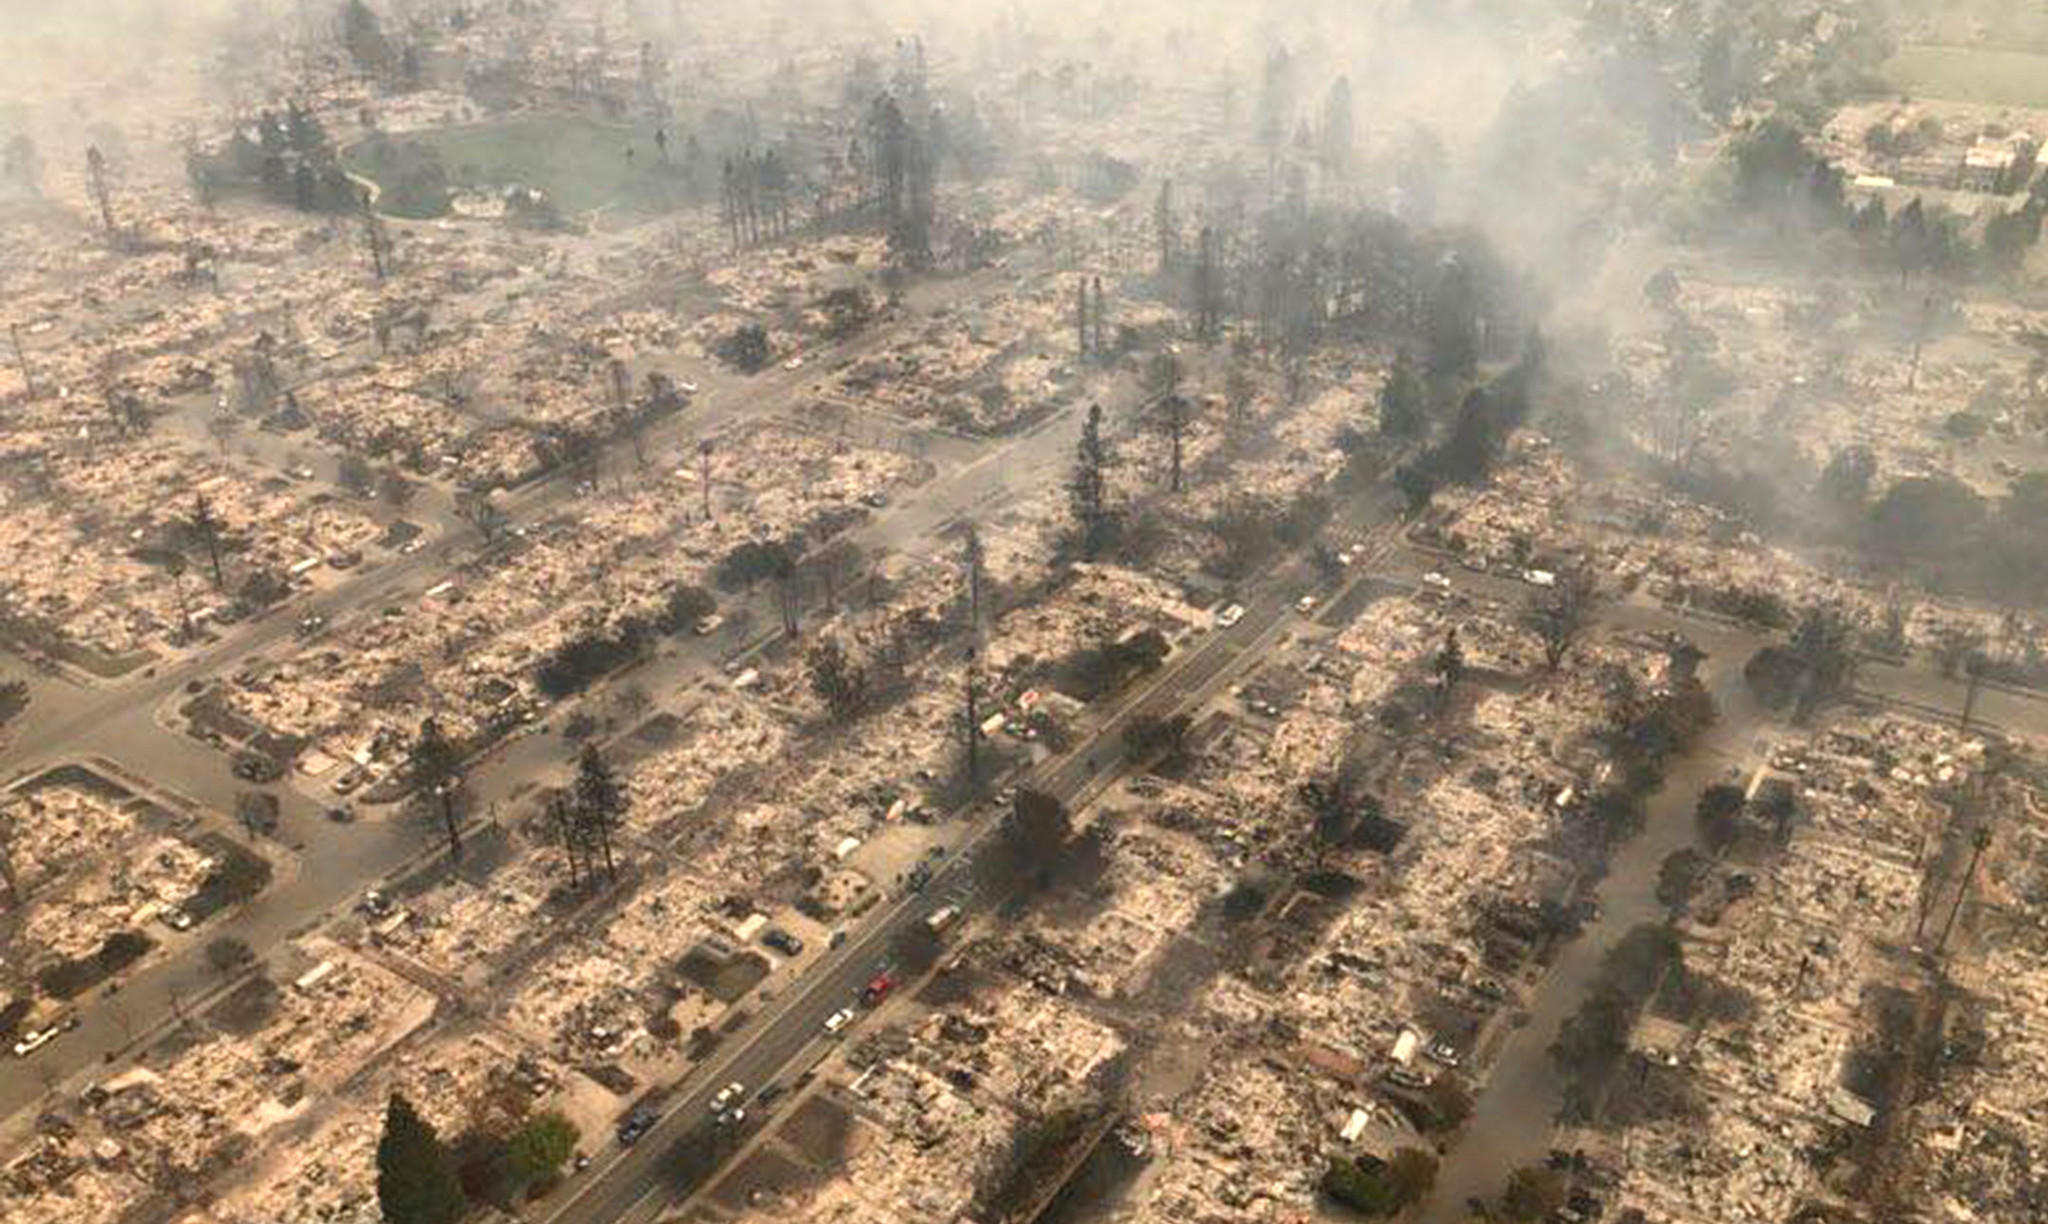 カリフォルニア州の脅威的な火災 アメリカ ウオッチ yuko s blog